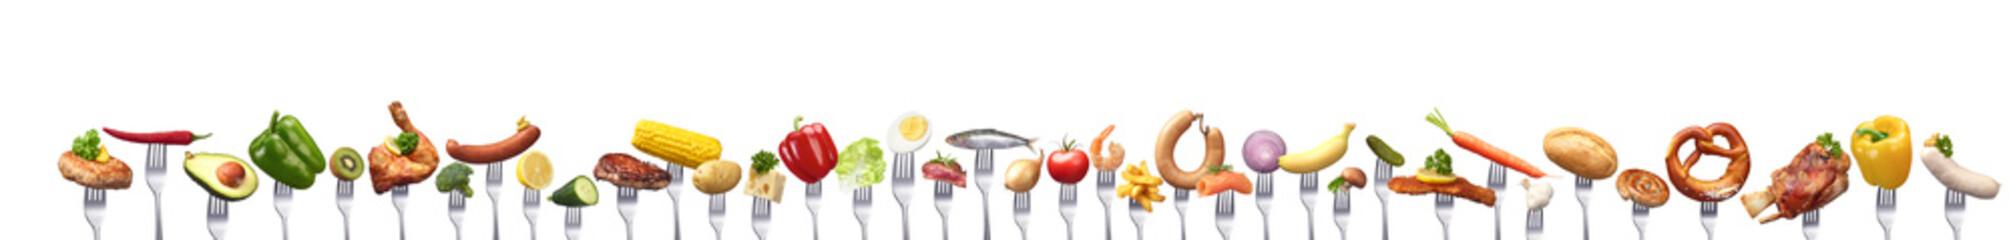 Sehr viele verschiedene Nahrungsmittel